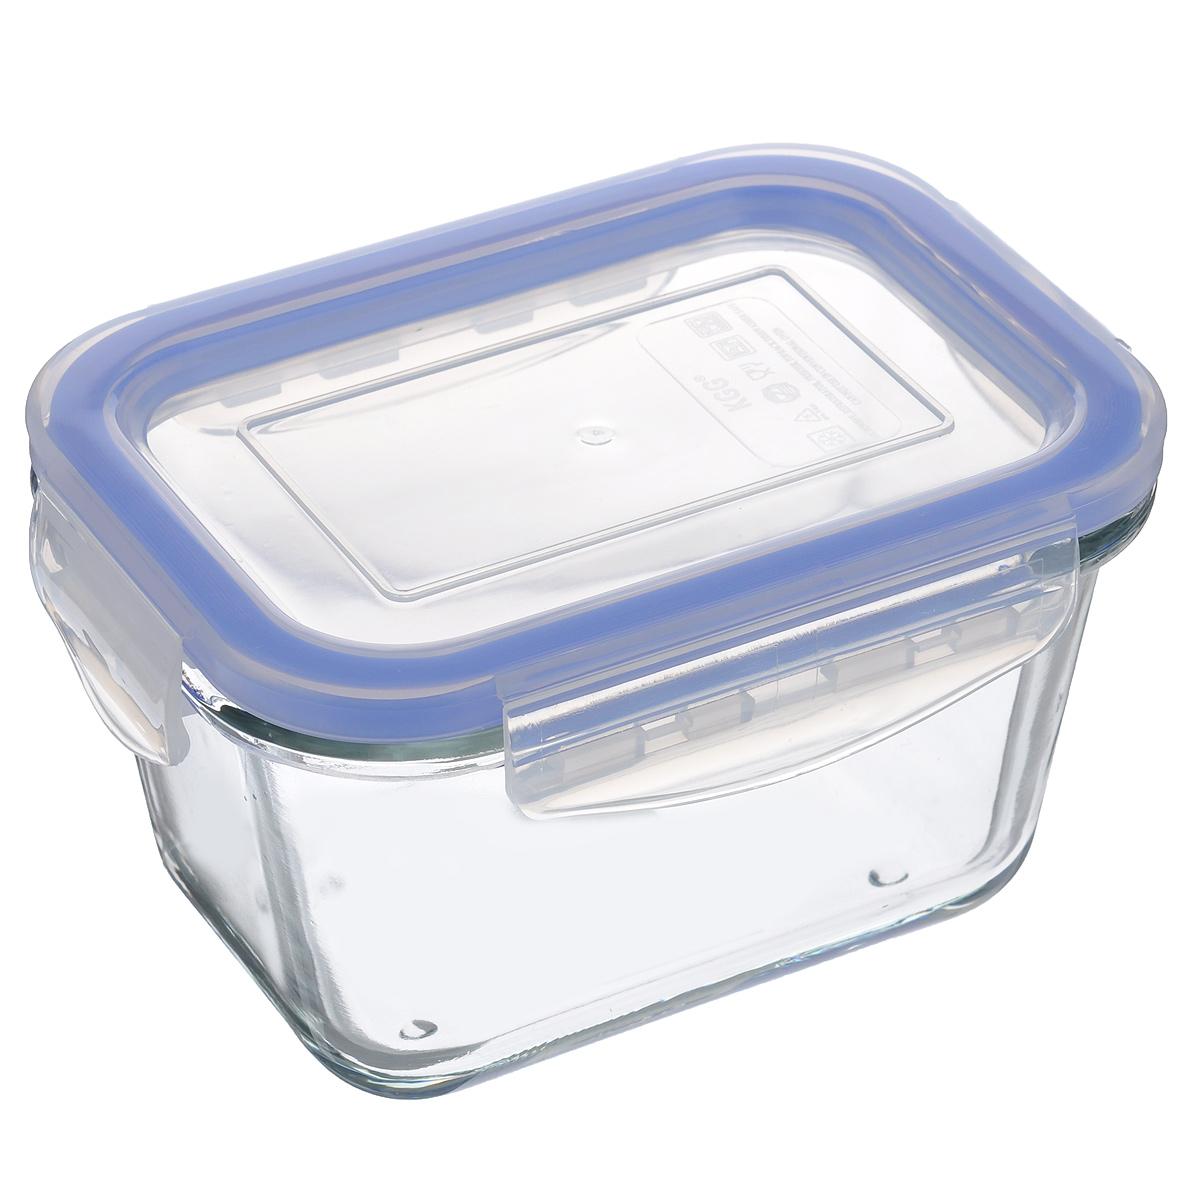 Контейнер стеклянный Mijotex с крышкой, 400 млLRE8Прямоугольный пищевой контейнер Mijotex изготовлен из экологически чистого жаропрочного стекла. Изделие оснащено крышкой, выполненной из пластика, которая надежно закрывается с помощью четырех защелок. Благодаря уплотнительной резинке, крышка полностью герметична. Контейнер прекрасно подходит для хранения, приготовления и разогрева пищи. Допускается нагрев посуды до 450°С. Изделие пригодно для использования в духовом шкафу, на газовых конфорках (на слабом огне), электроплитах, в СВЧ-печах. Можно использовать для хранения в холодильниках и морозильных камерах. Можно мыть в посудомоечной машине. Размер контейнера (без учета крыши): 13 см х 9,5 см х 7 см. Объем: 400 мл.